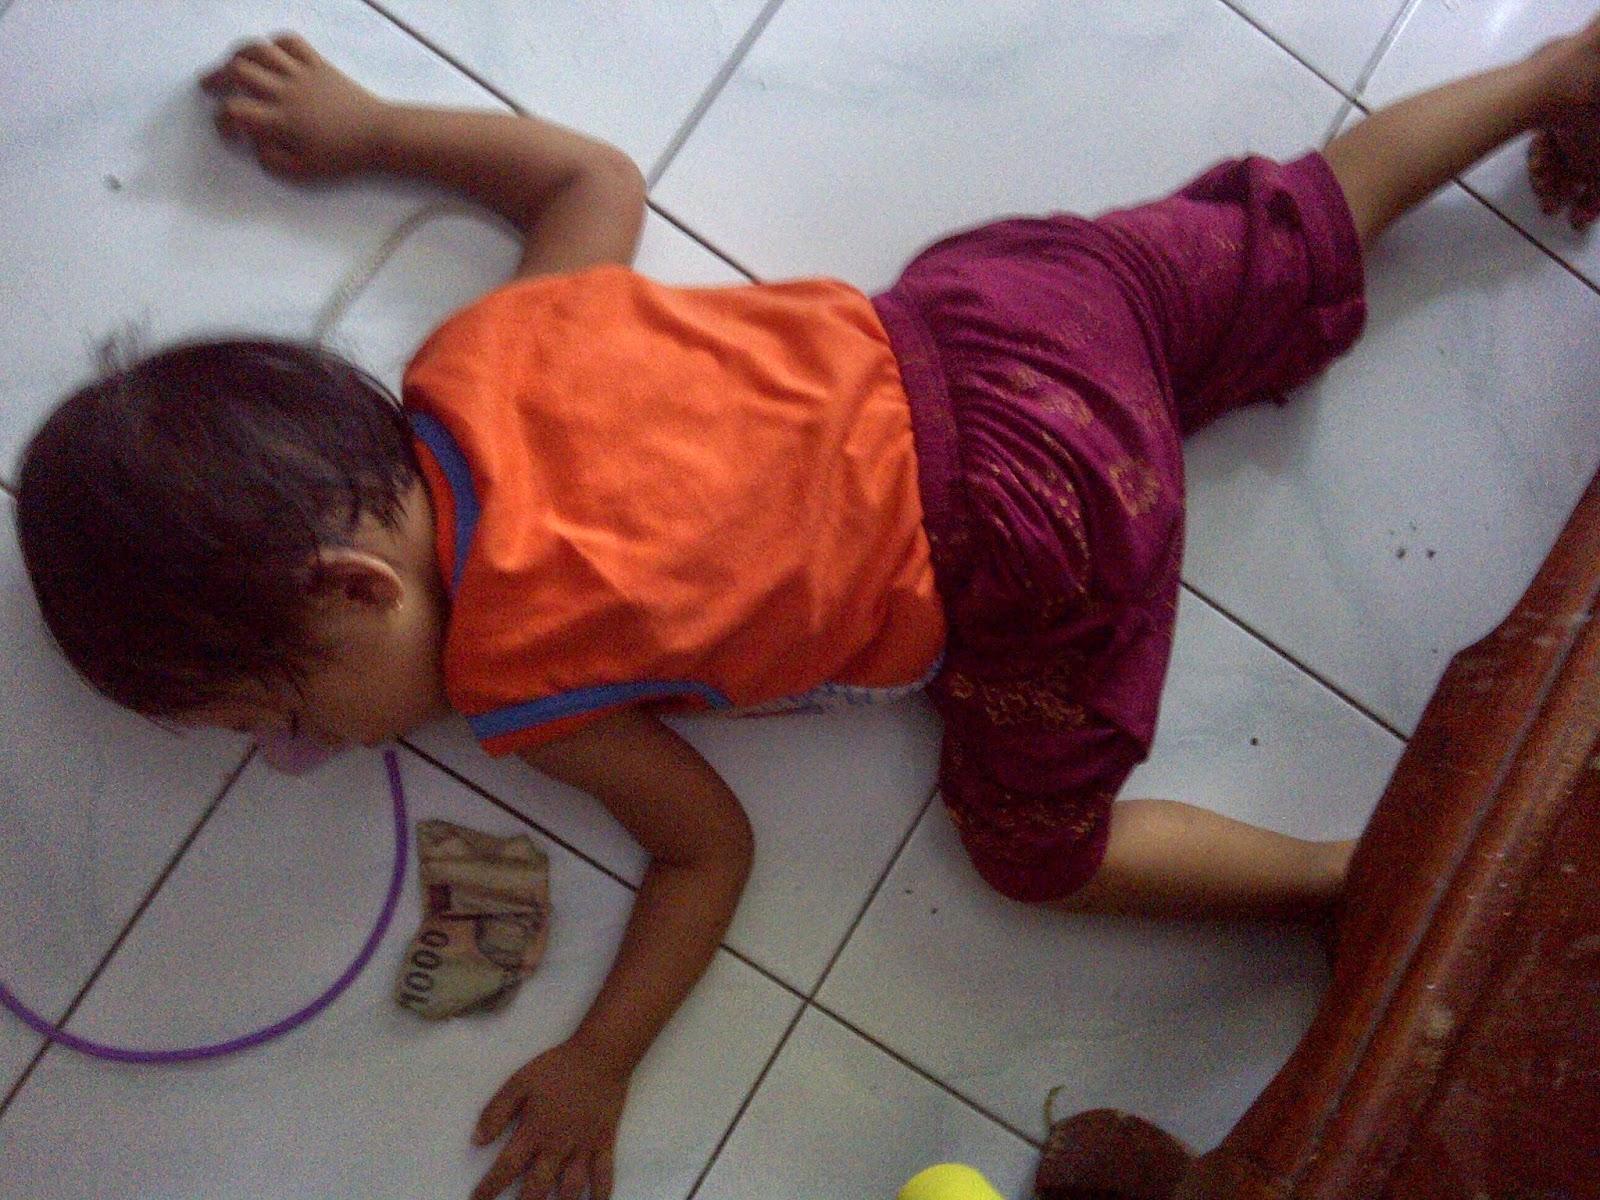 Anak Perempuan 3 Tahun Tidur Di Lantai